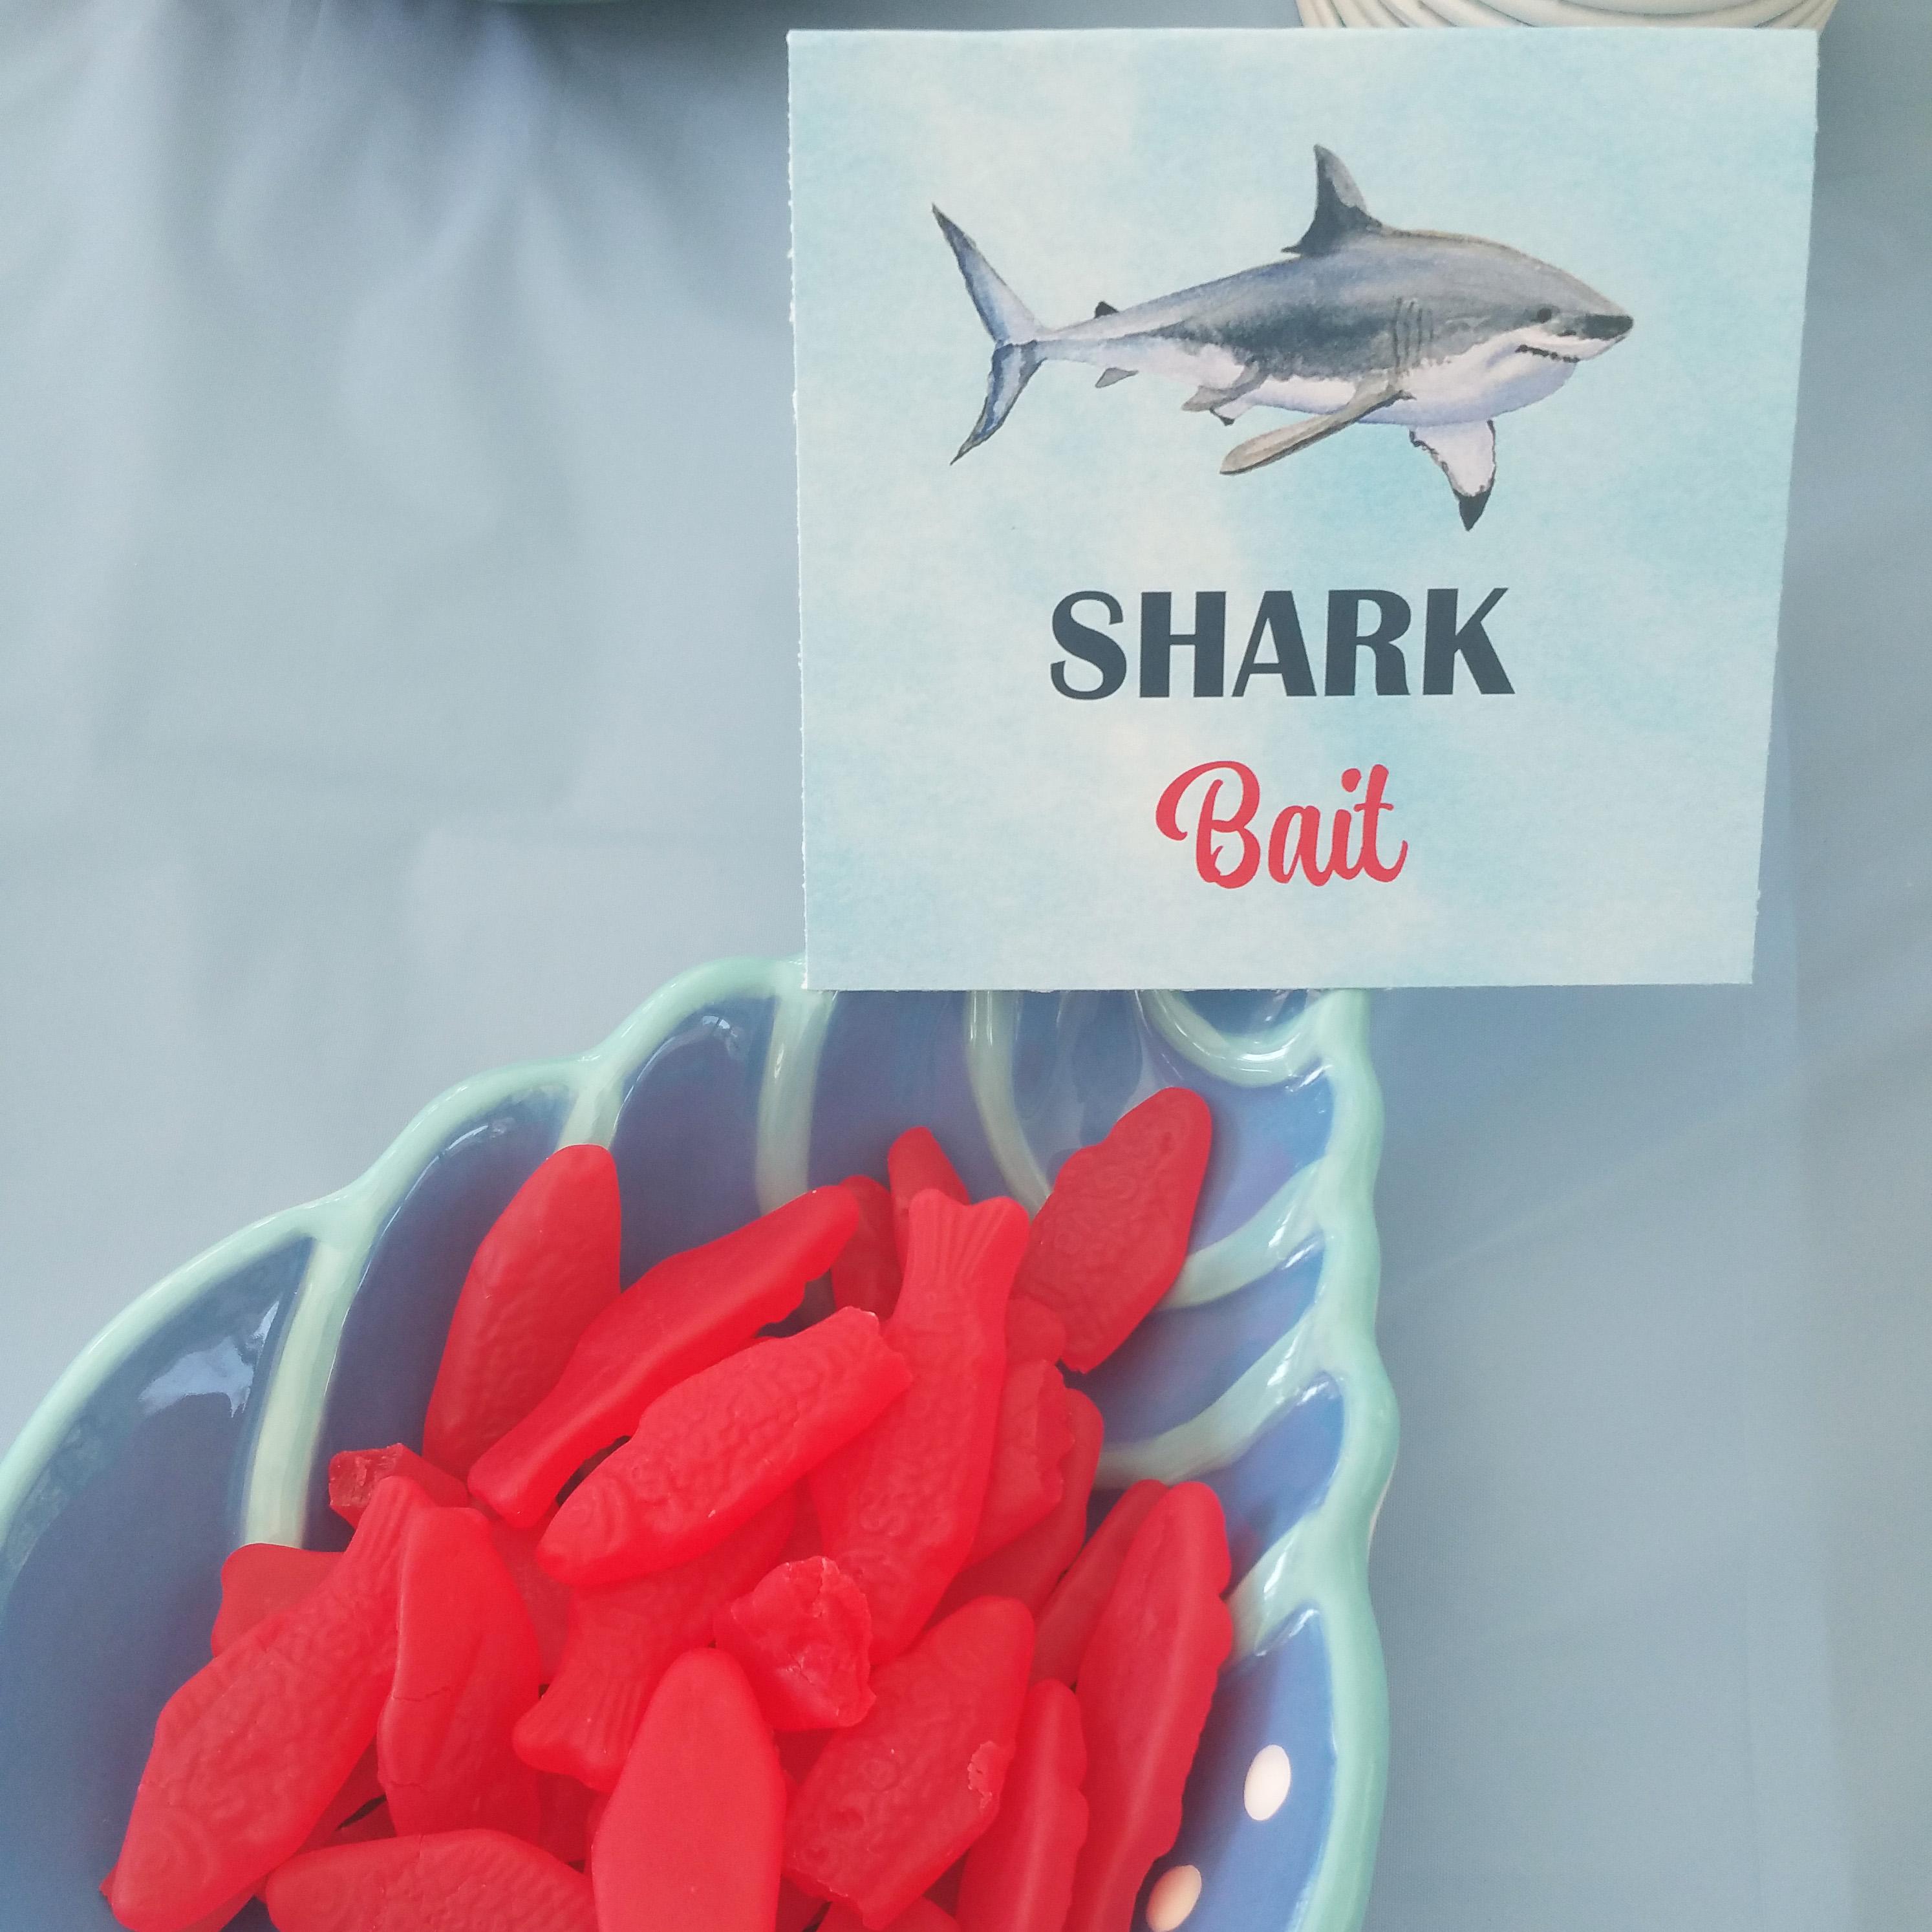 shark bait pub